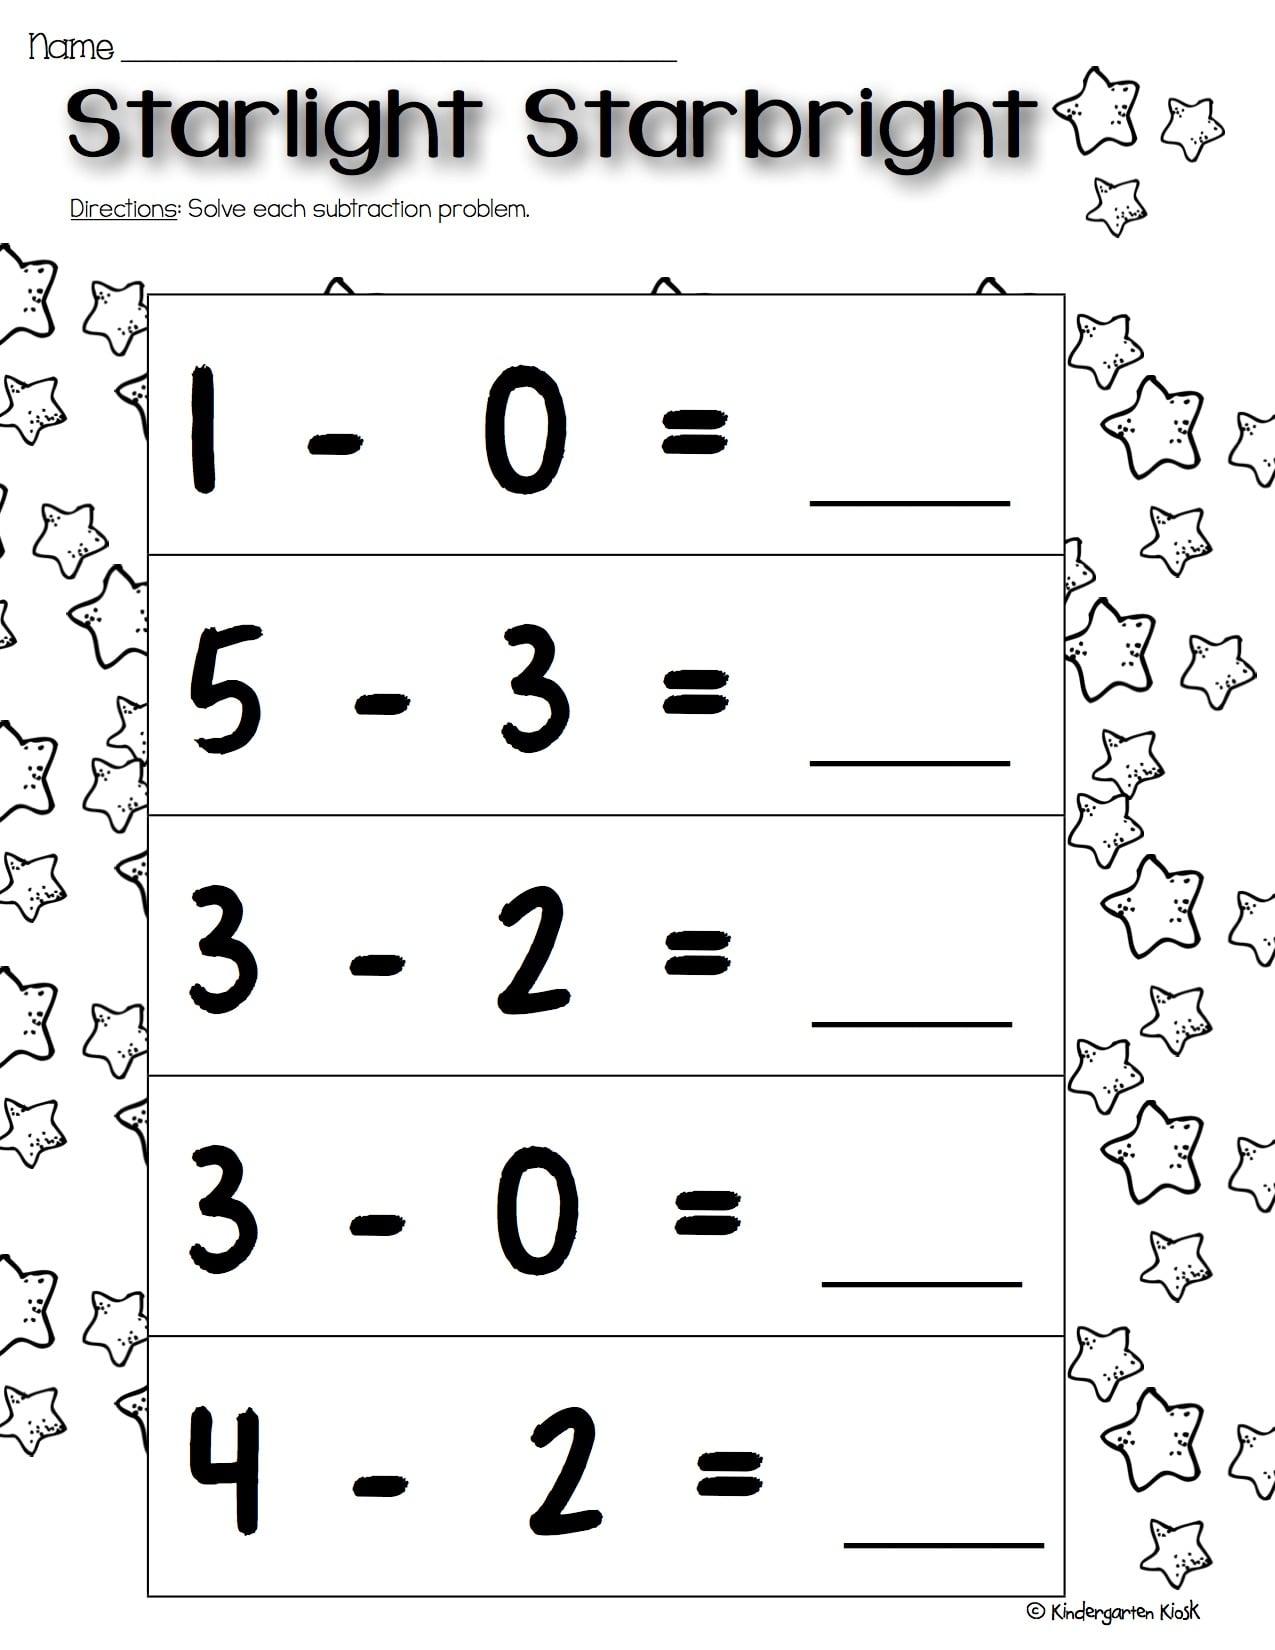 Kindergarten Subtraction Worksheets — Kindergarten Kiosk [ 1650 x 1275 Pixel ]